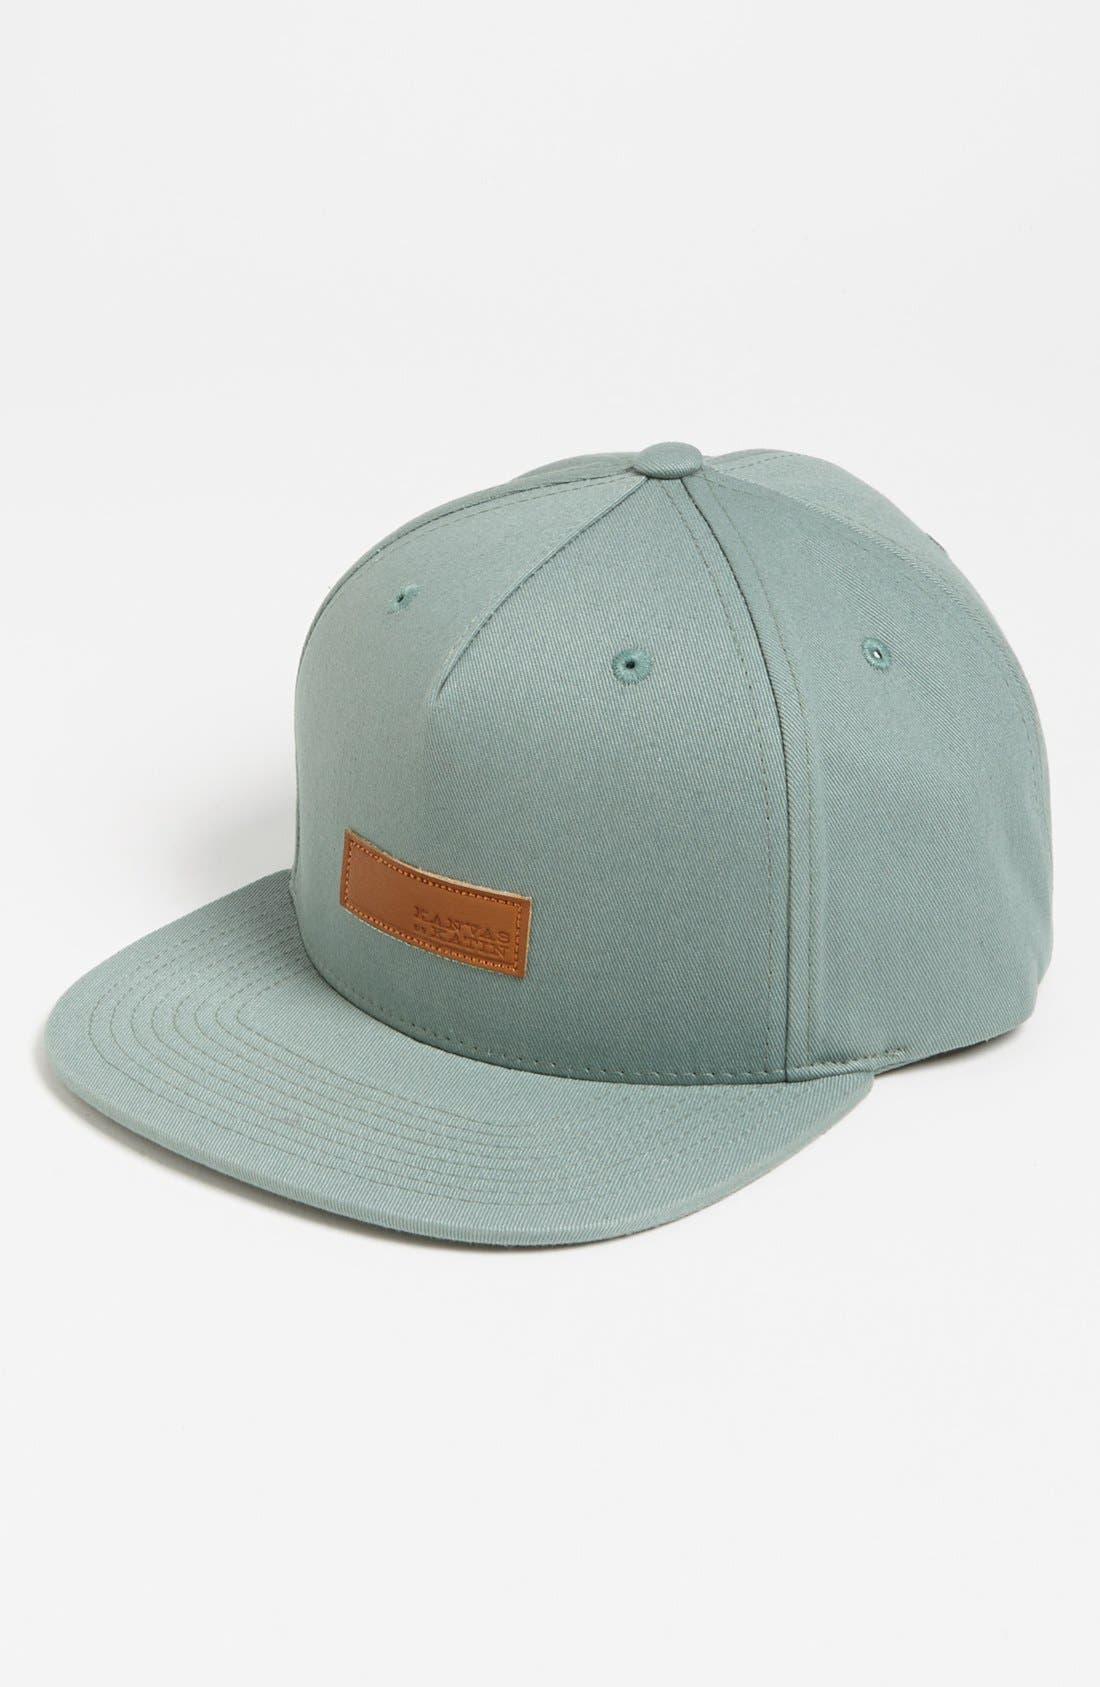 Main Image - Katin 'Watson' Baseball Cap